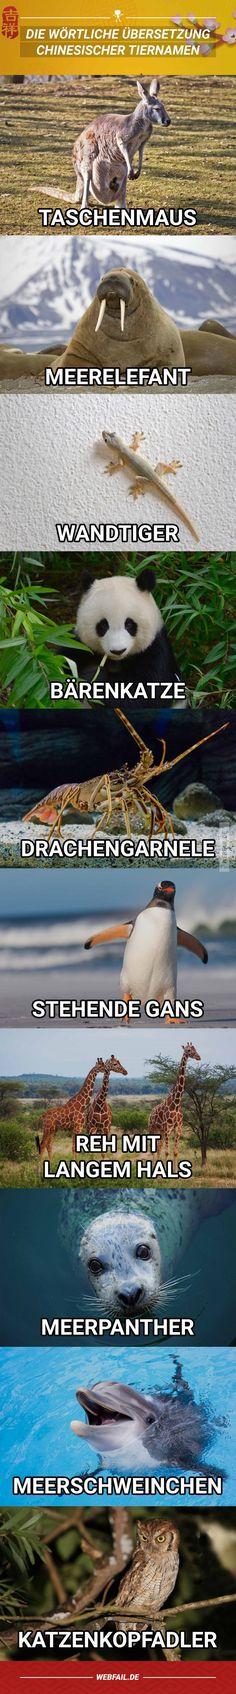 Chinesische Tiernamen ins Deutsche übersetzt | Webfail - Fail Bilder und Fail Videos